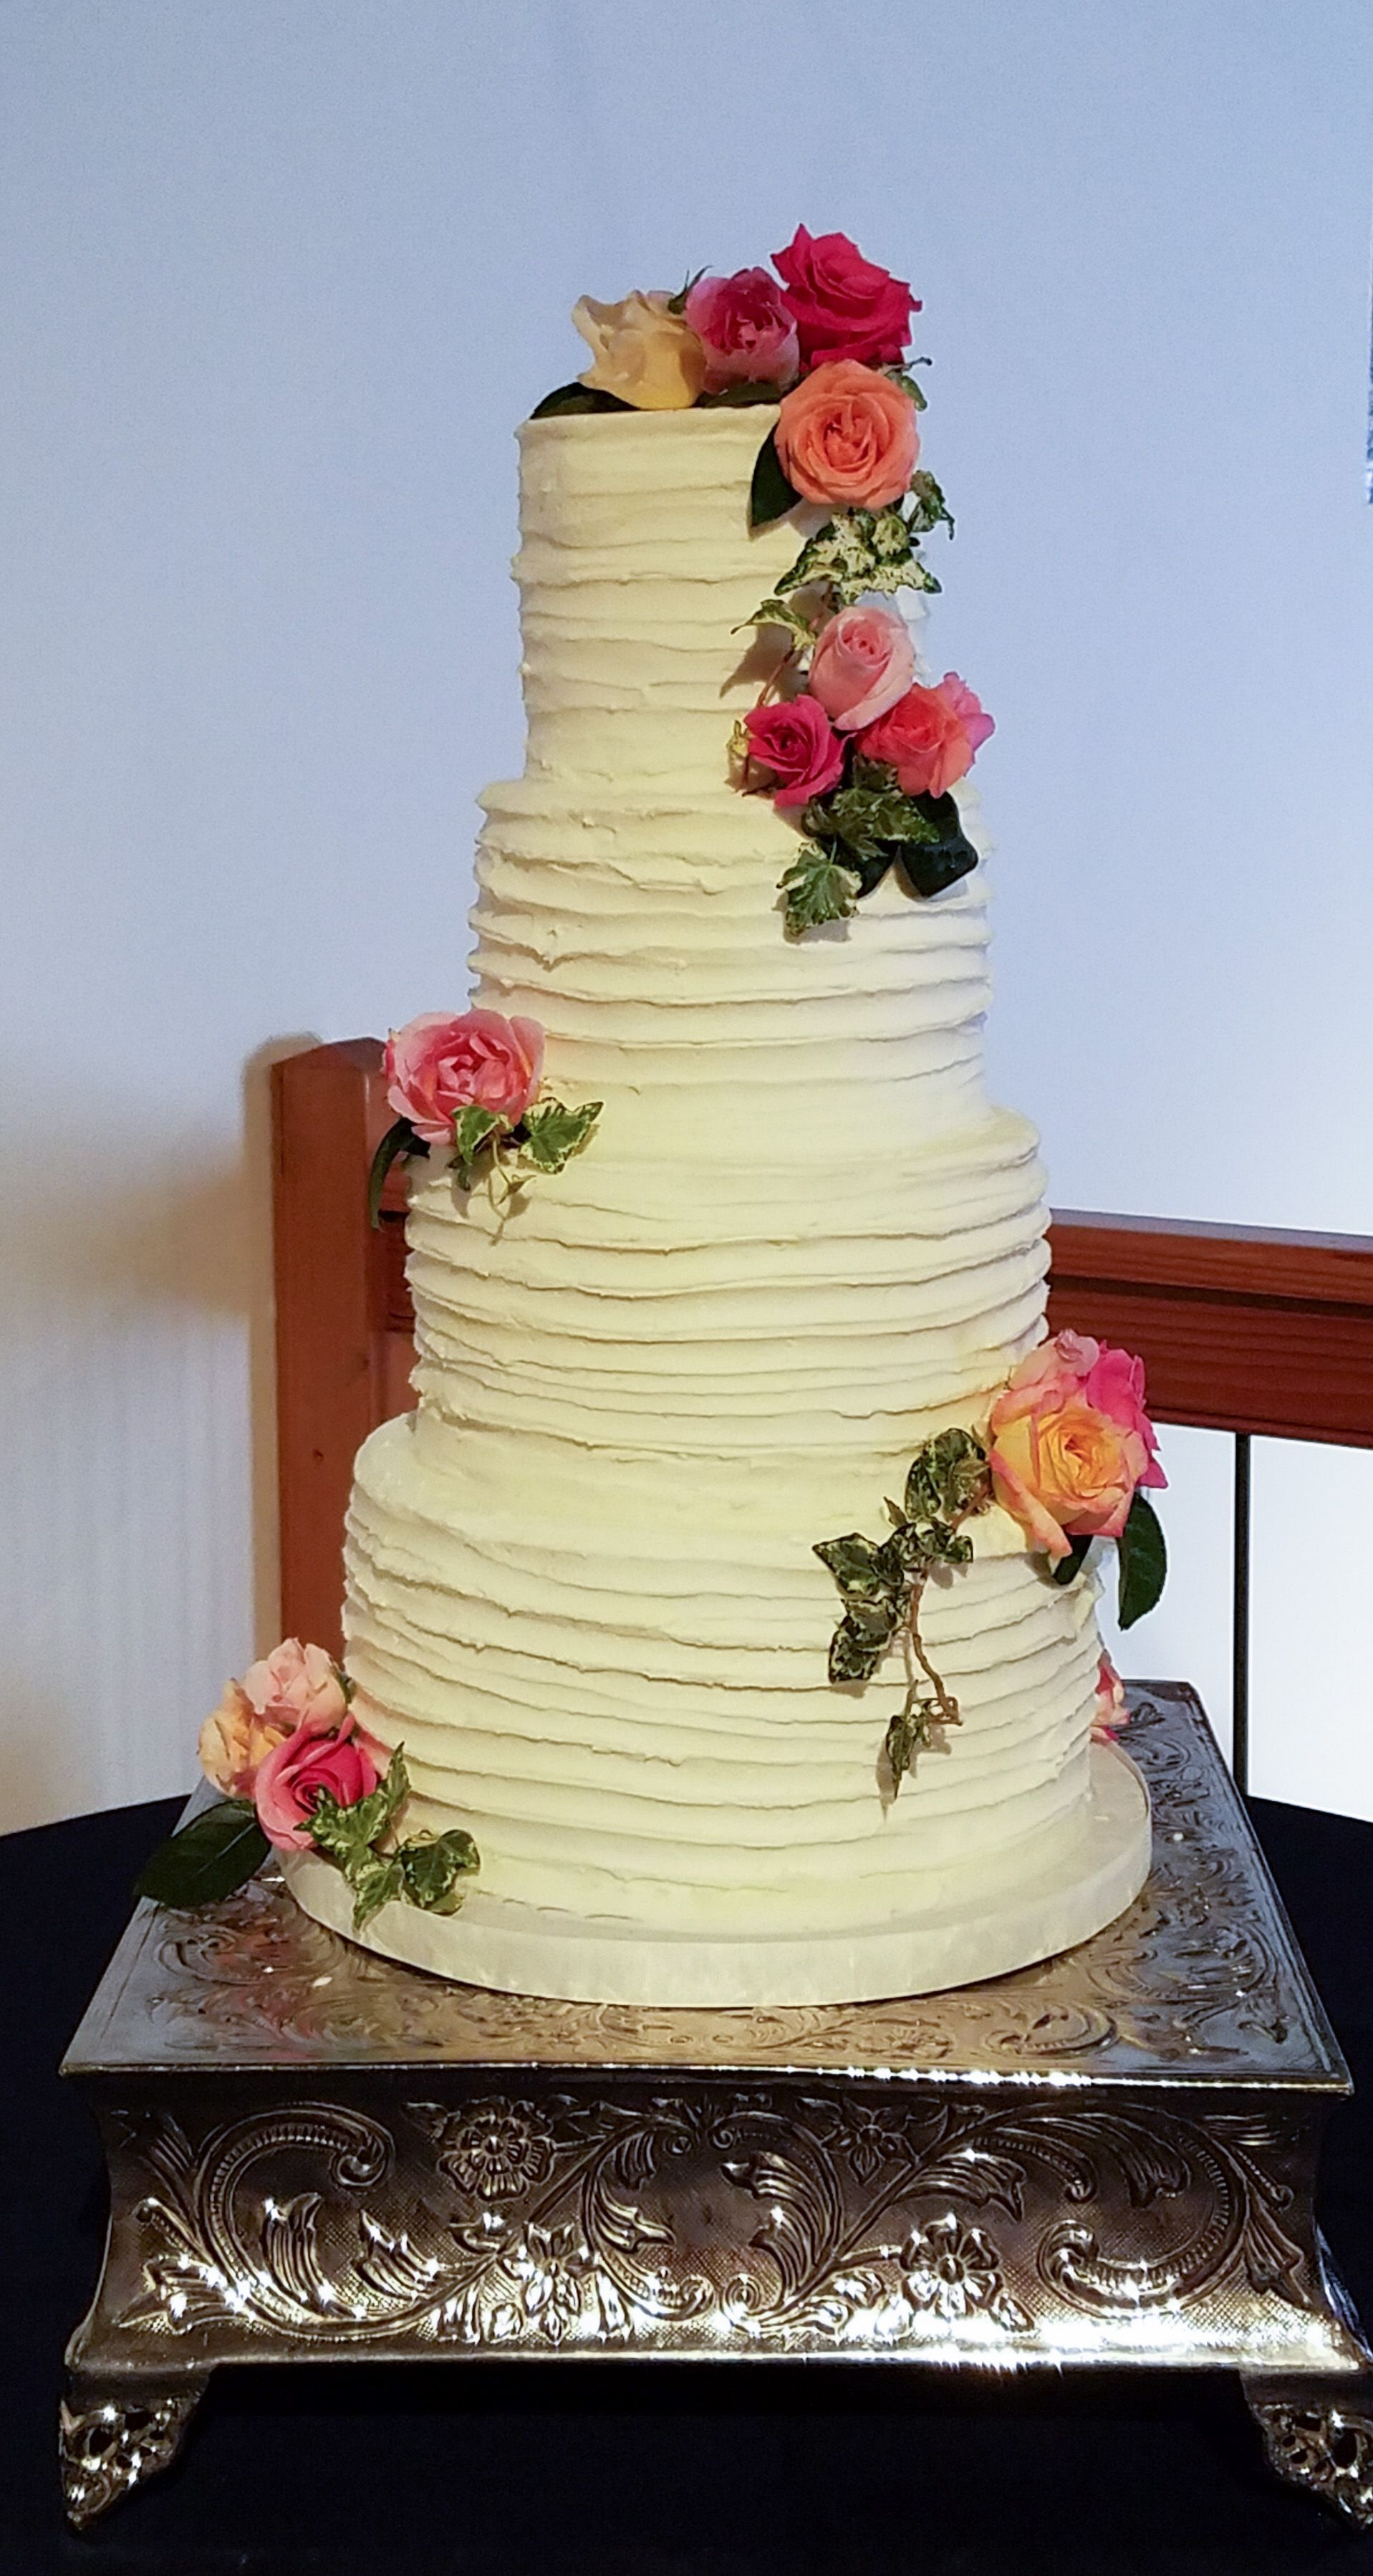 Rouched Buttercream Wedding Cake | Wedding Cakes | Pinterest ...